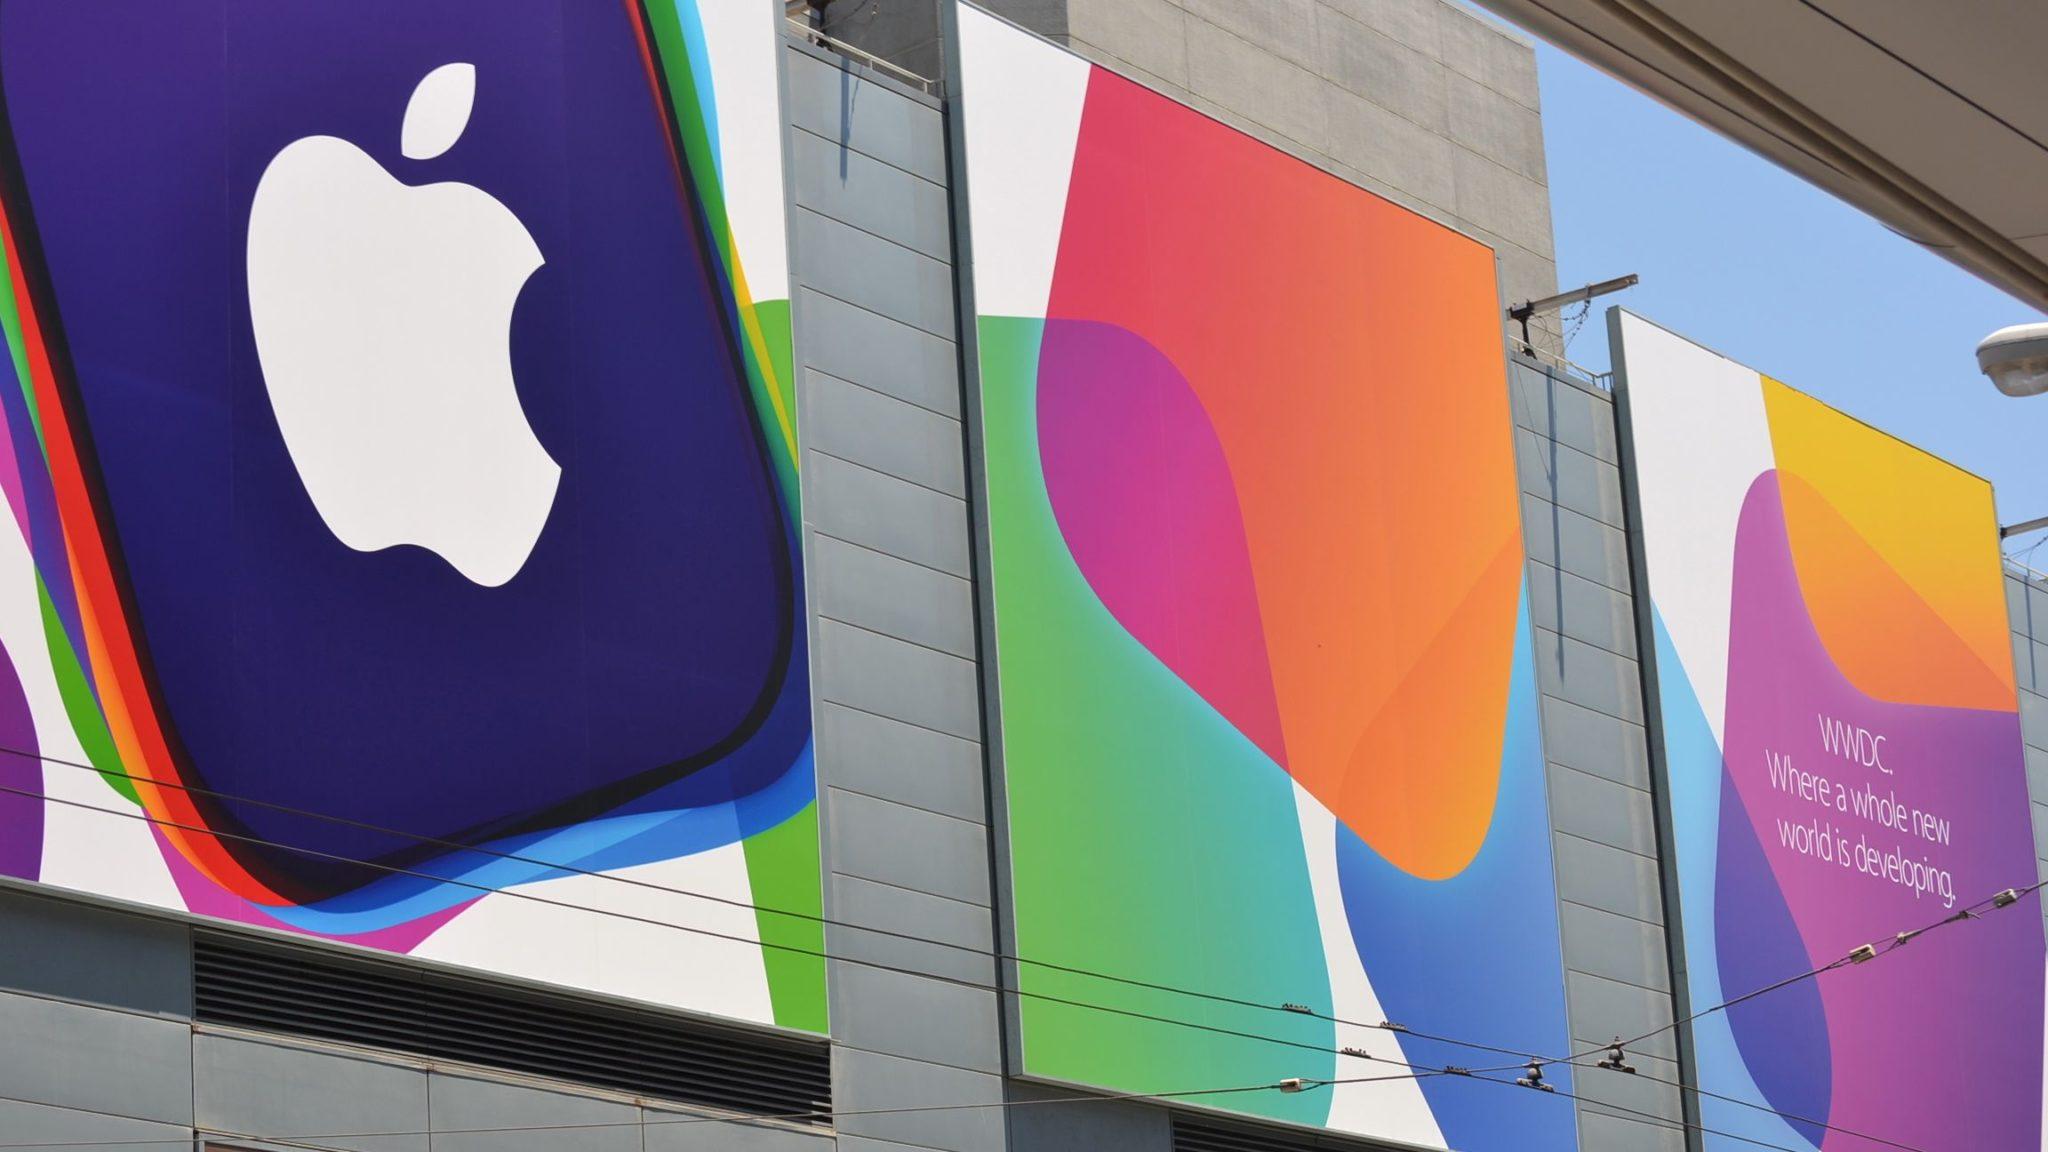 Apple WWDC 2018 iOS 12 macOS 10 4